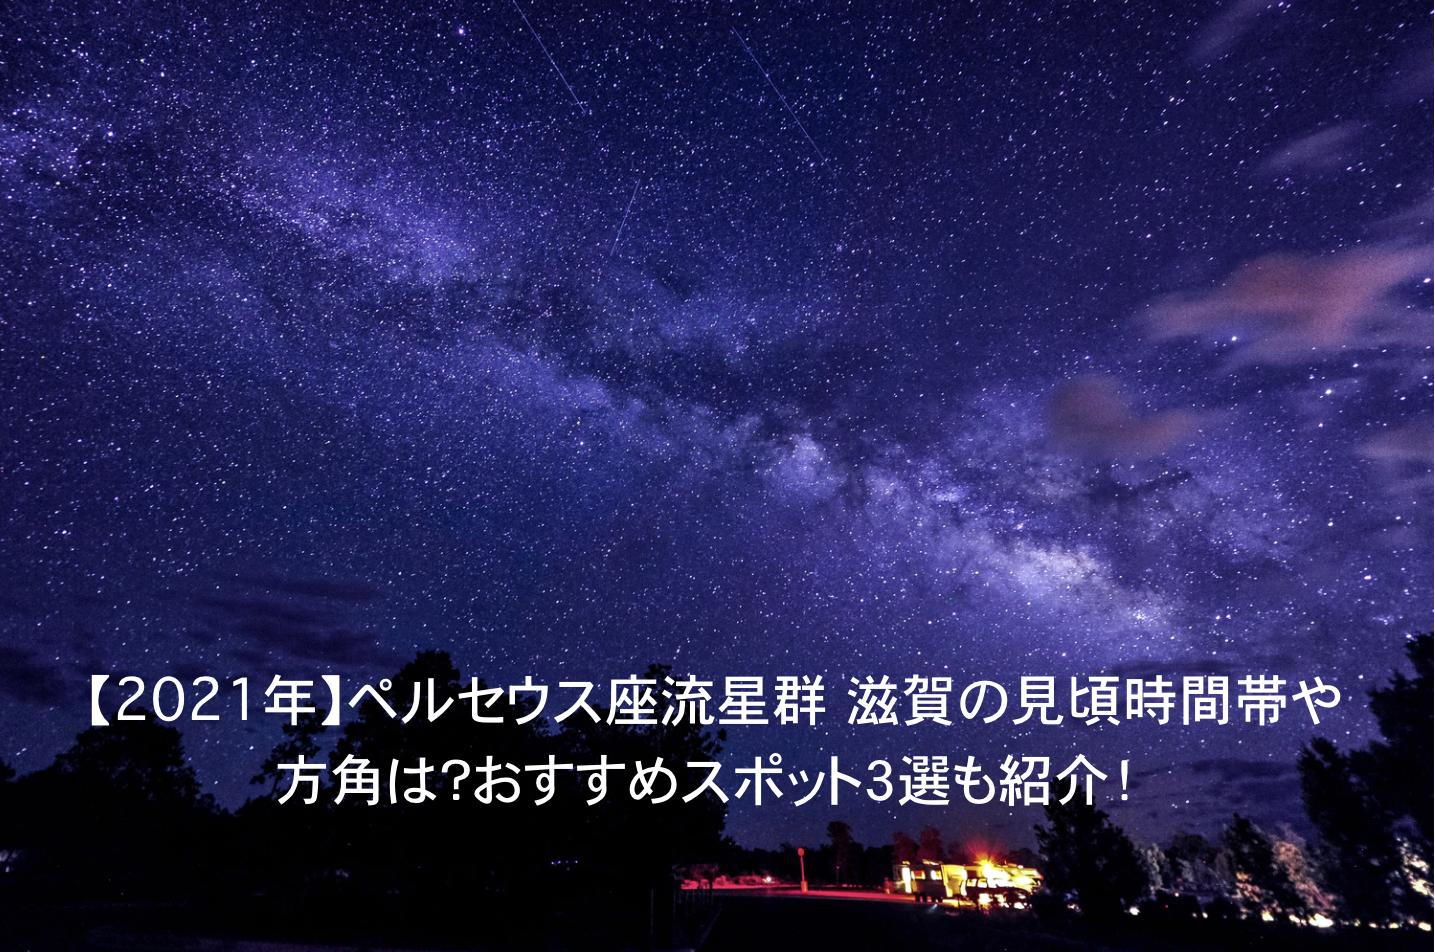 ペルセウス座流星群 滋賀 見頃 時間帯 方角 おすすめスポット